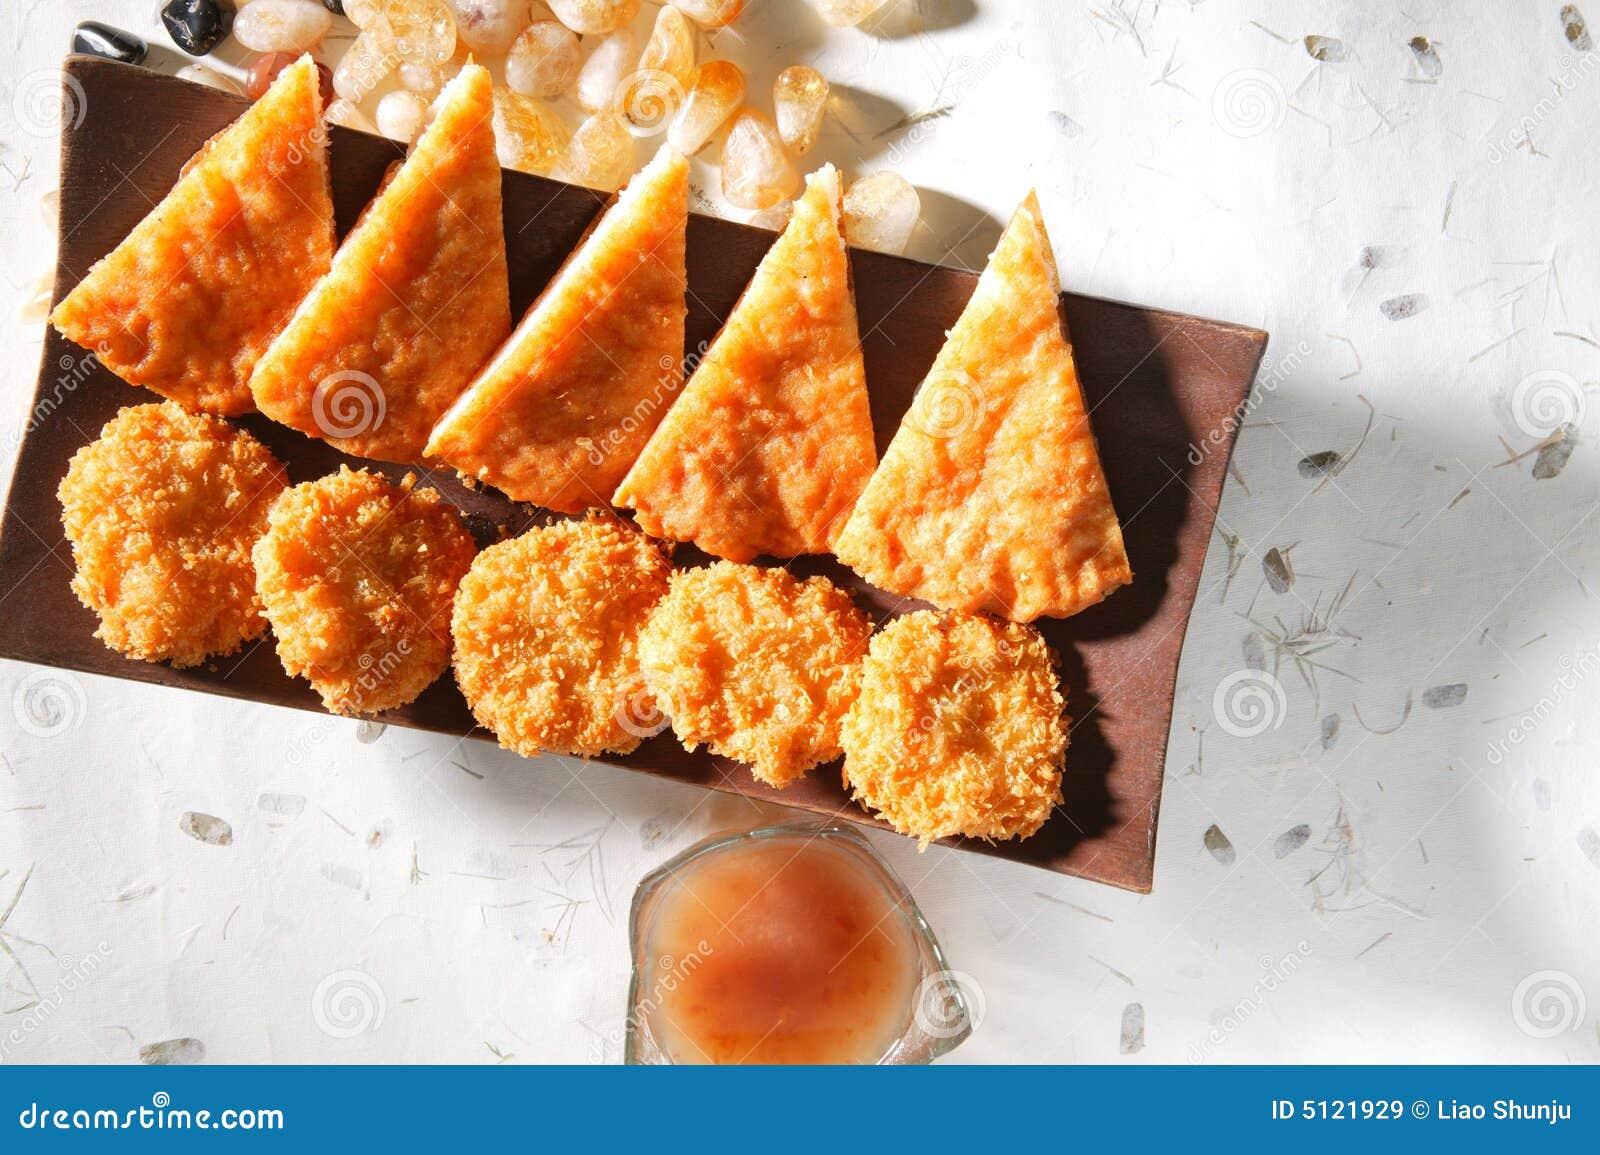 Fried Thai Shrimp Cake Royalty Free Stock Images - Image: 5121929